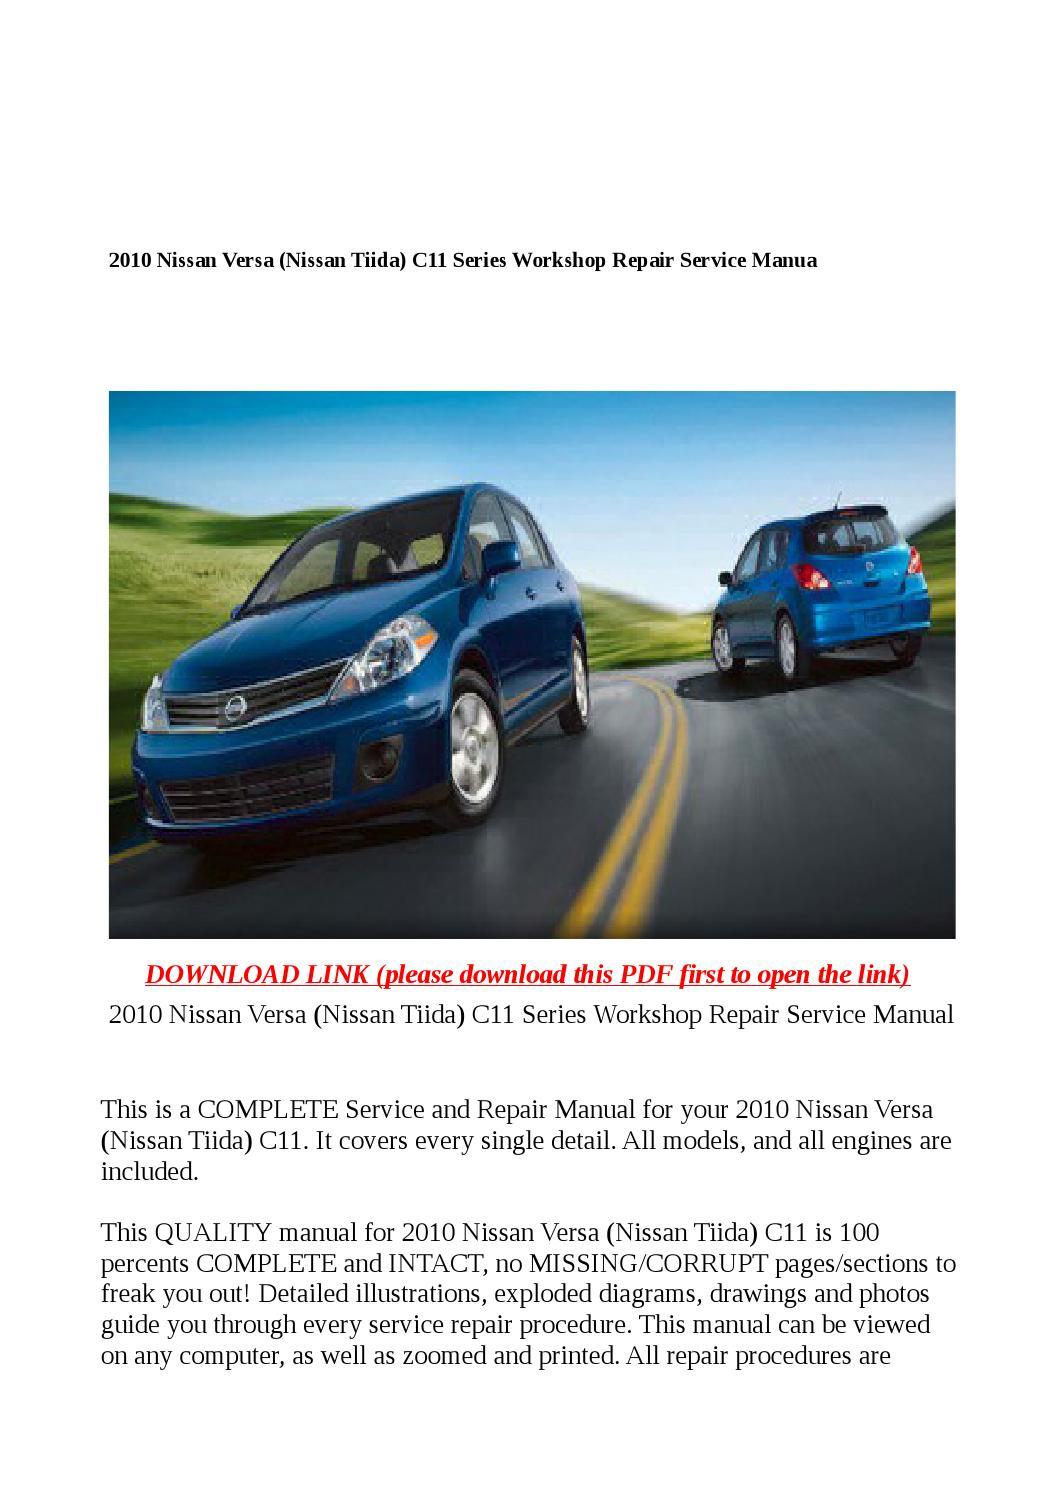 2010 Nissan Versa  Nissan Tiida  C11 Series Workshop Repair Service Manual By Steve